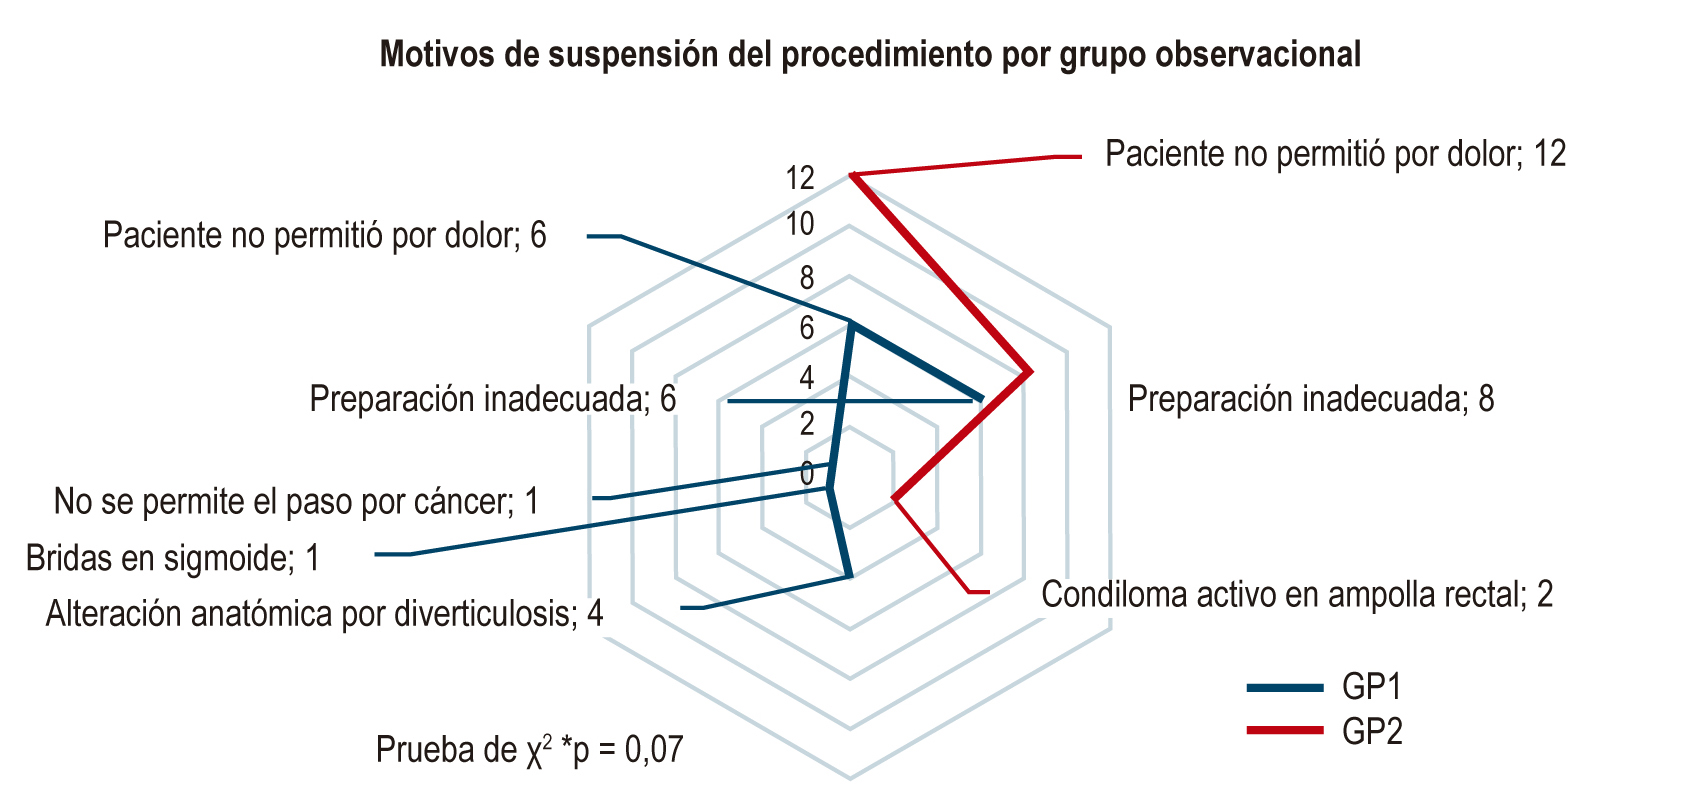 Figura 3. Razones por las cuales los pacientes no lograron el procedimiento.